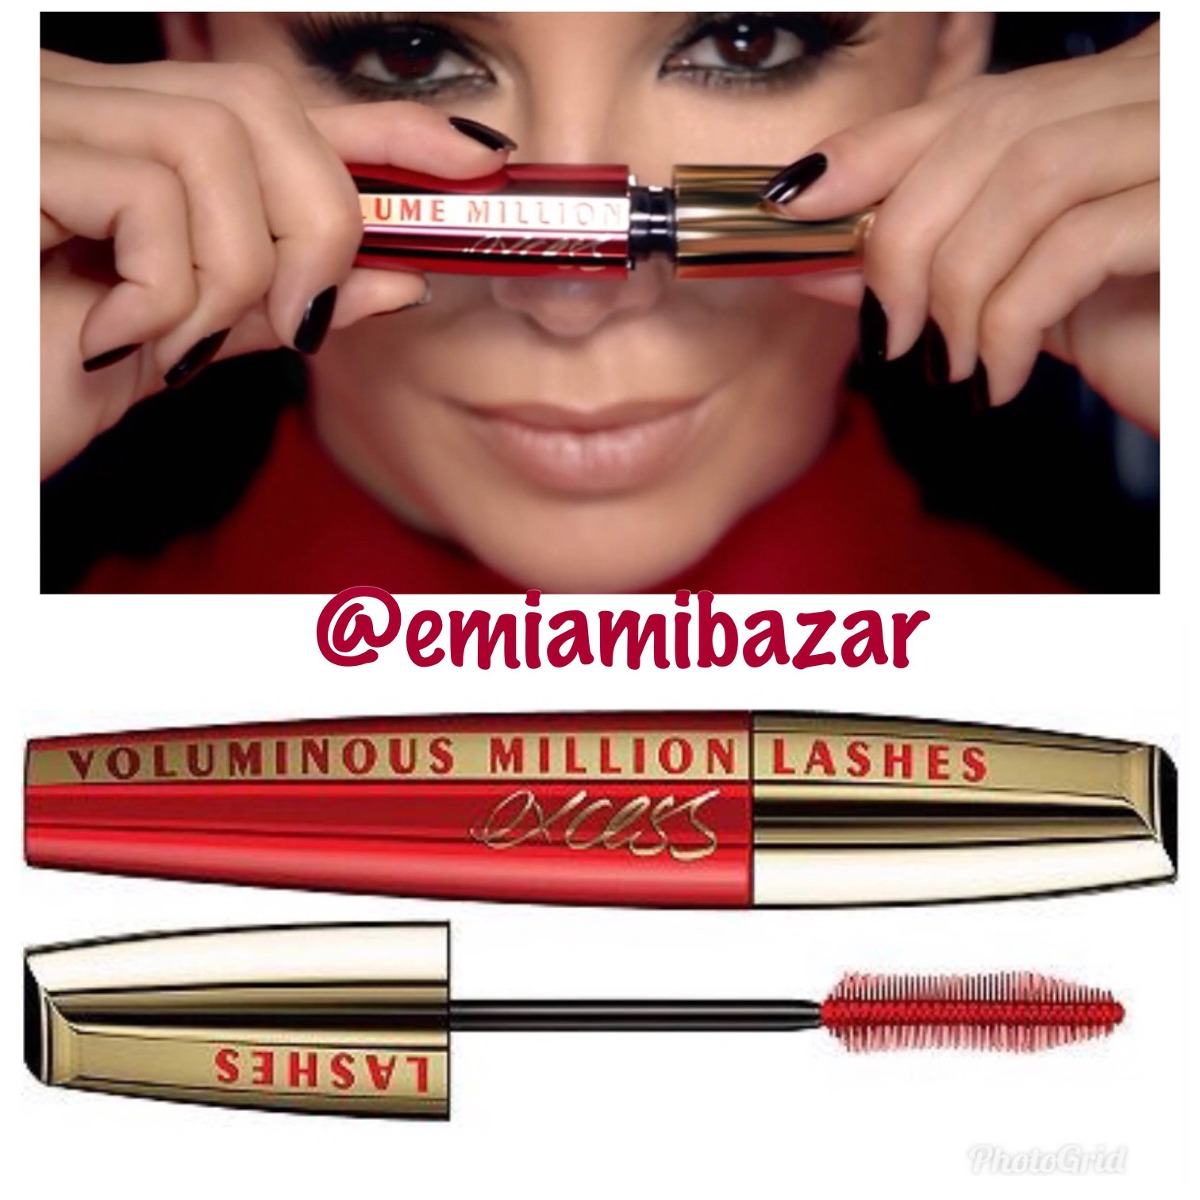 9d3bc92343c Máscara P/ Cílios Loreal Voluminous Million Lashes Excess - R$ 73,00 ...